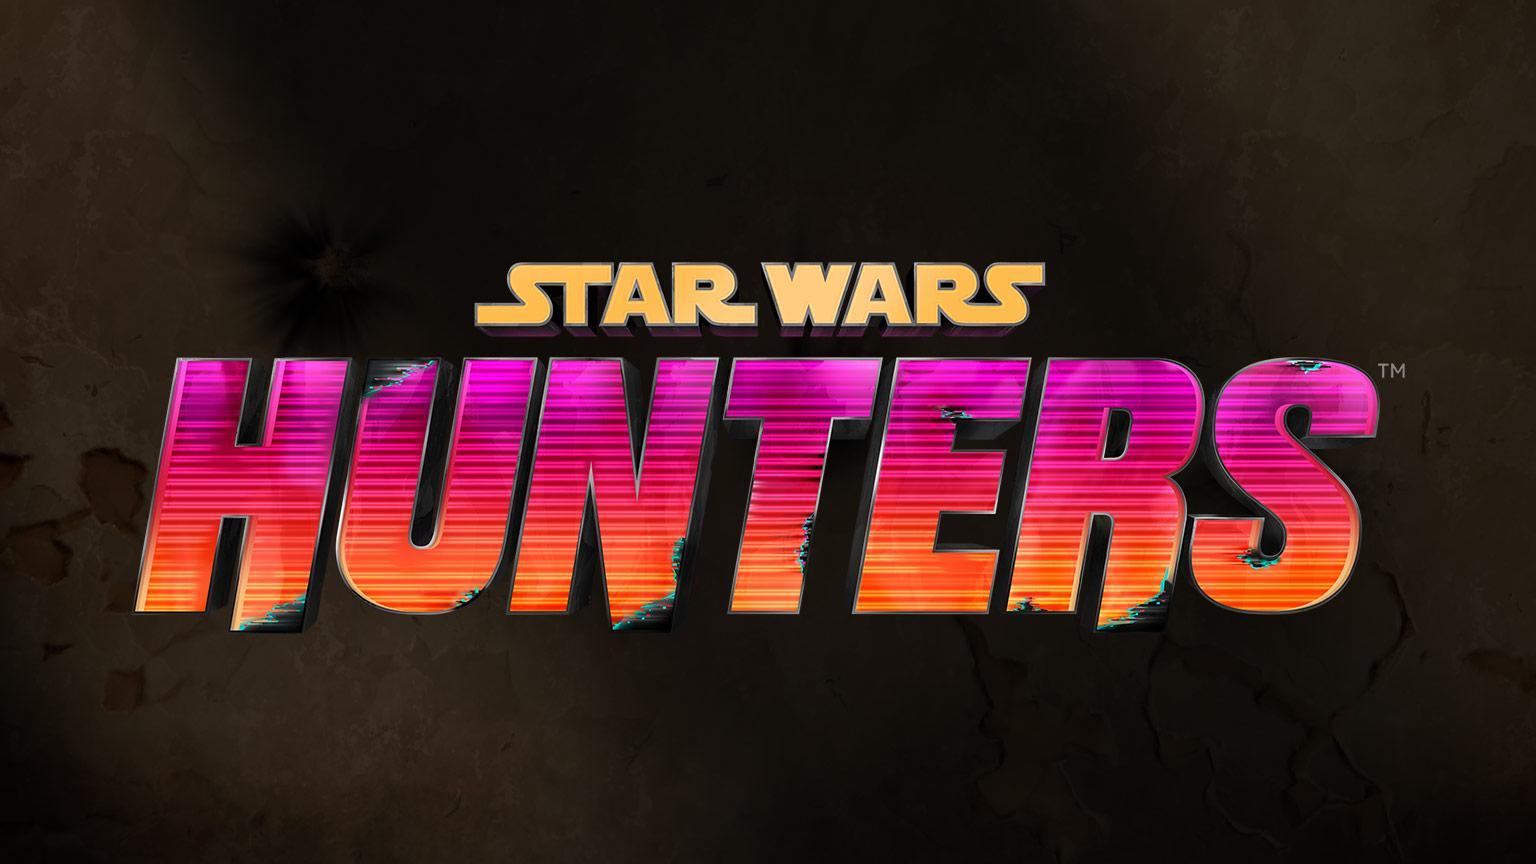 Star Wars Hunters